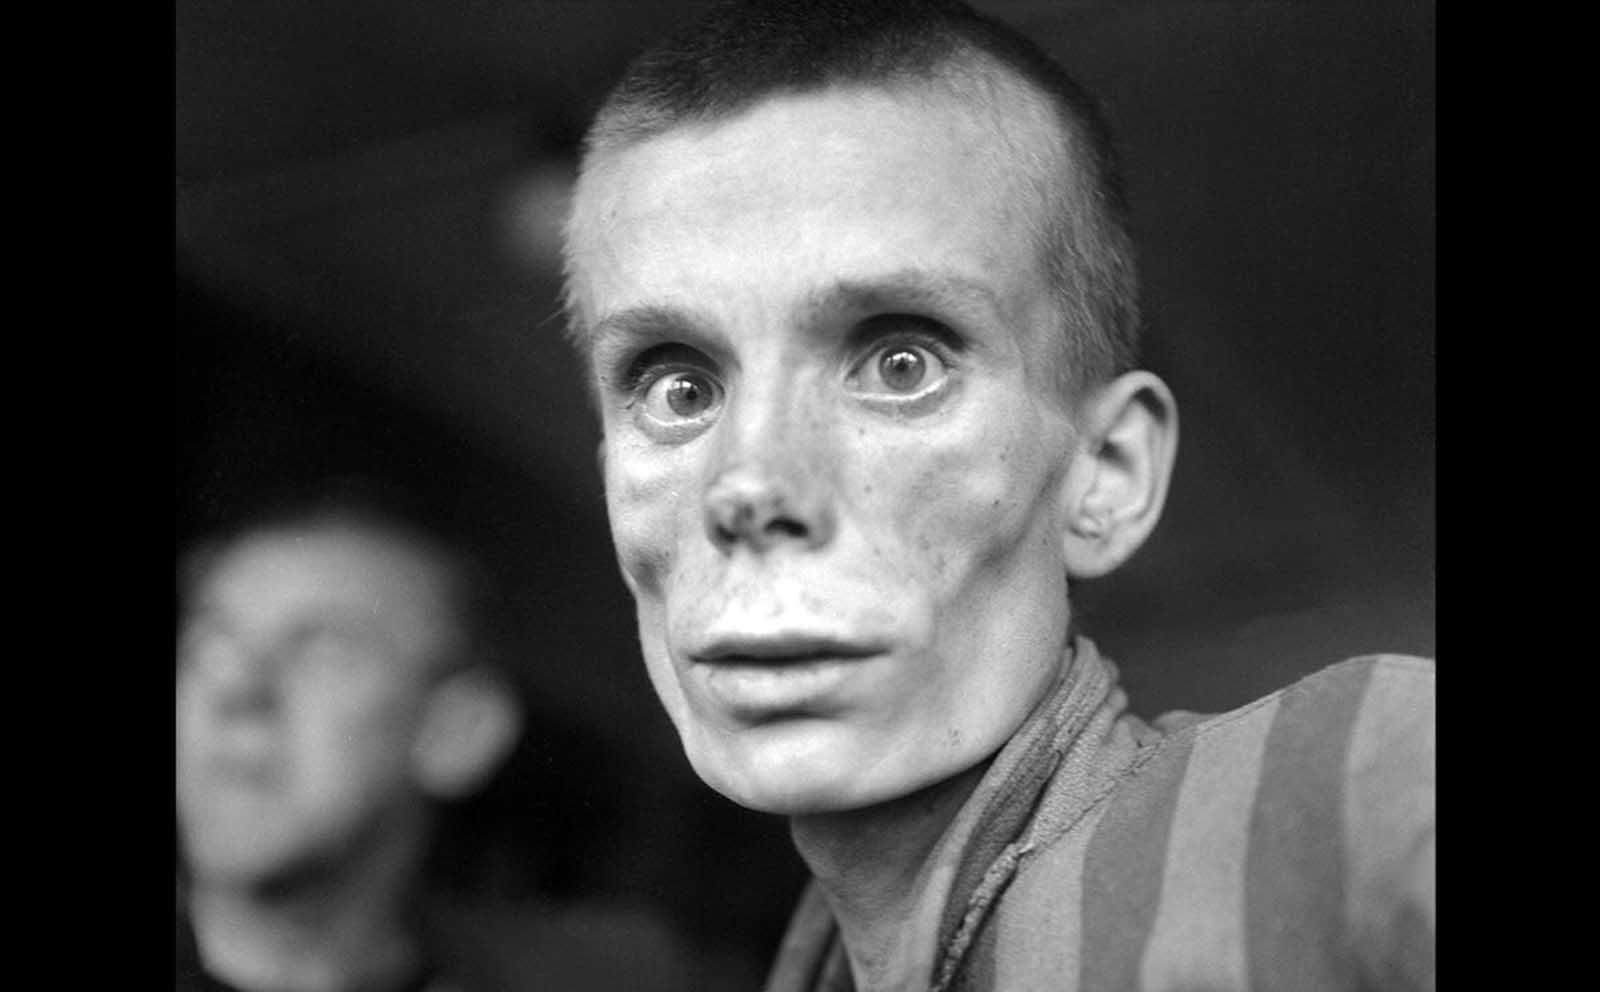 """18-годишно момиче от руски произход при освобождаването на концентрационния лагер Дахау през 1945 г. Прочетете историята на <a href=""""https://www.vesti.bg/lyubopitno/istoriata-pomni/angelyt-na-aushvic-edna-lekarka-spasila-stotici-6072040"""">""""Ангелът на Аушвиц"""", една лекарка спасила стотици жени</a> в лагера."""